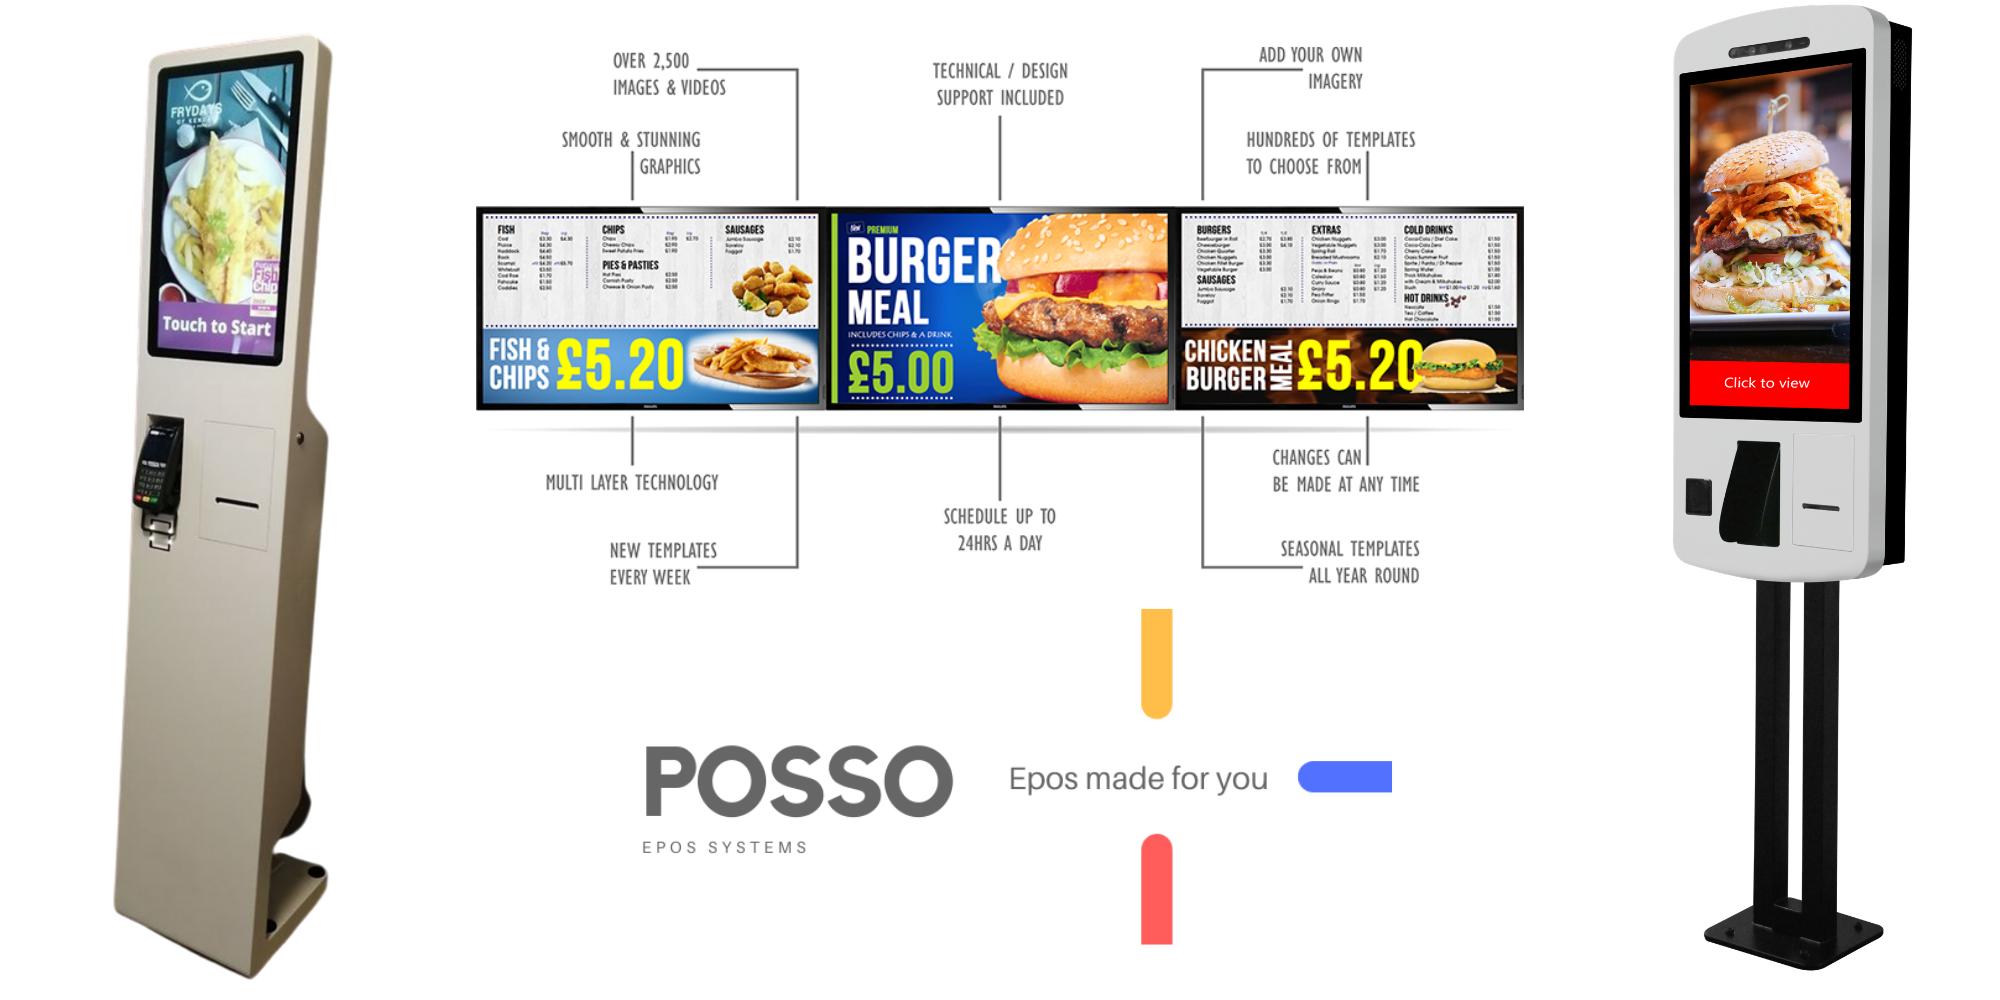 Self order kiosk & Digital signage